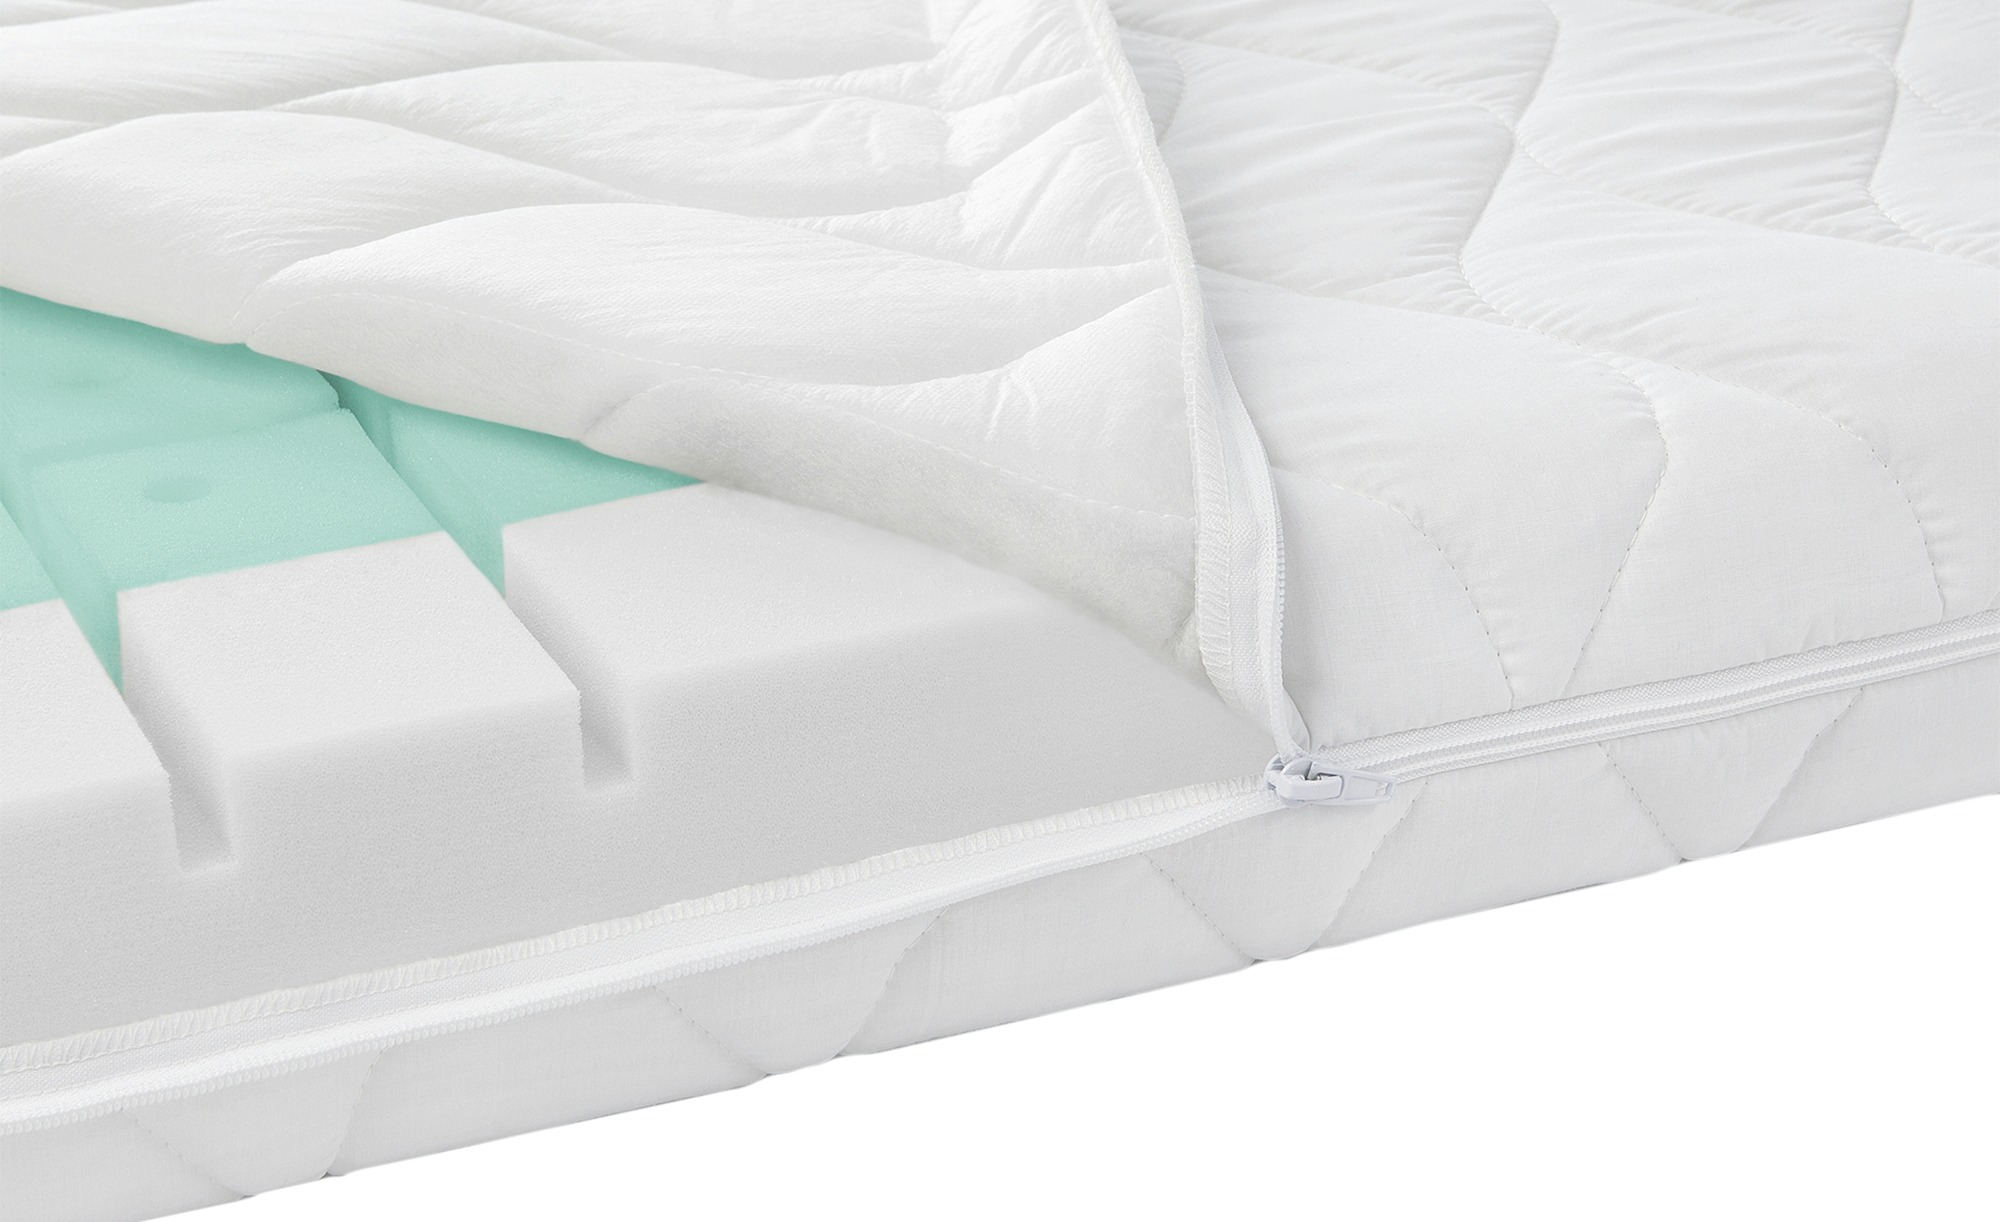 Zöllner Kinderbettmatratze - weiß - Bezug: 65% Polyester, 35% Baumwolle - 70 cm - 10 cm - Sconto | Kinderzimmer > Textilien für Kinder > Kinderbettwäsche | Zöllner